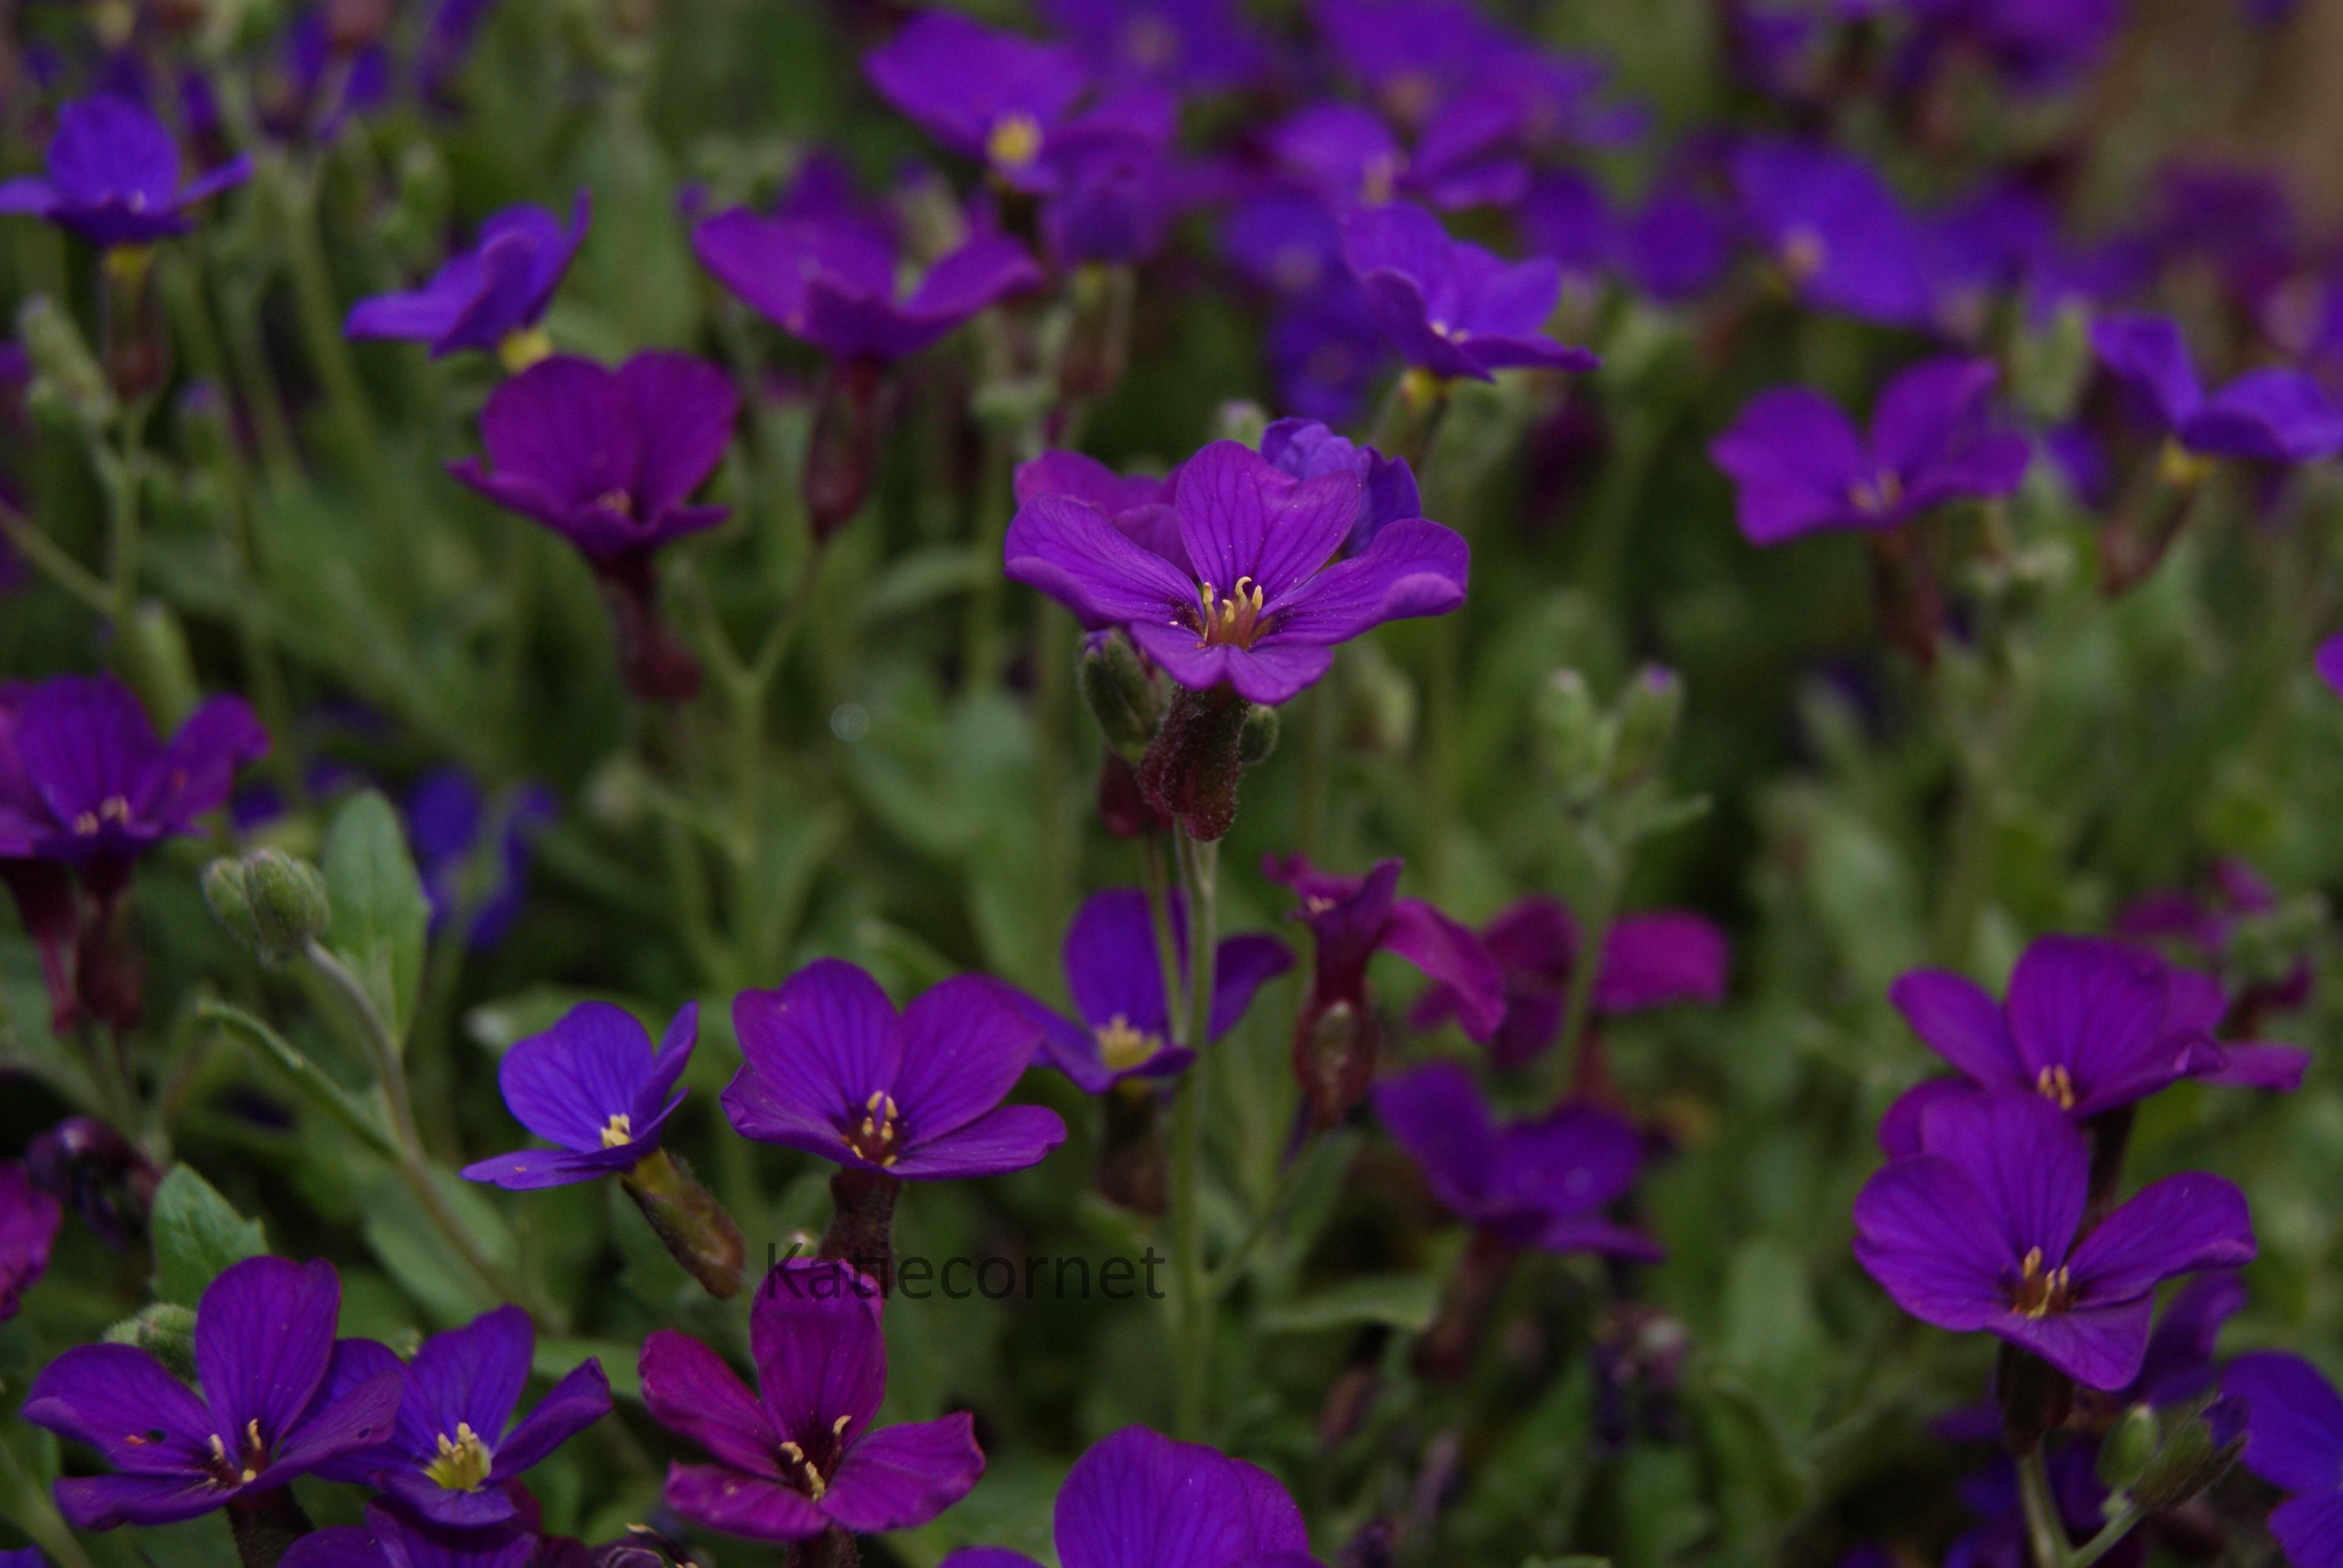 2,17, Violet aubrieta